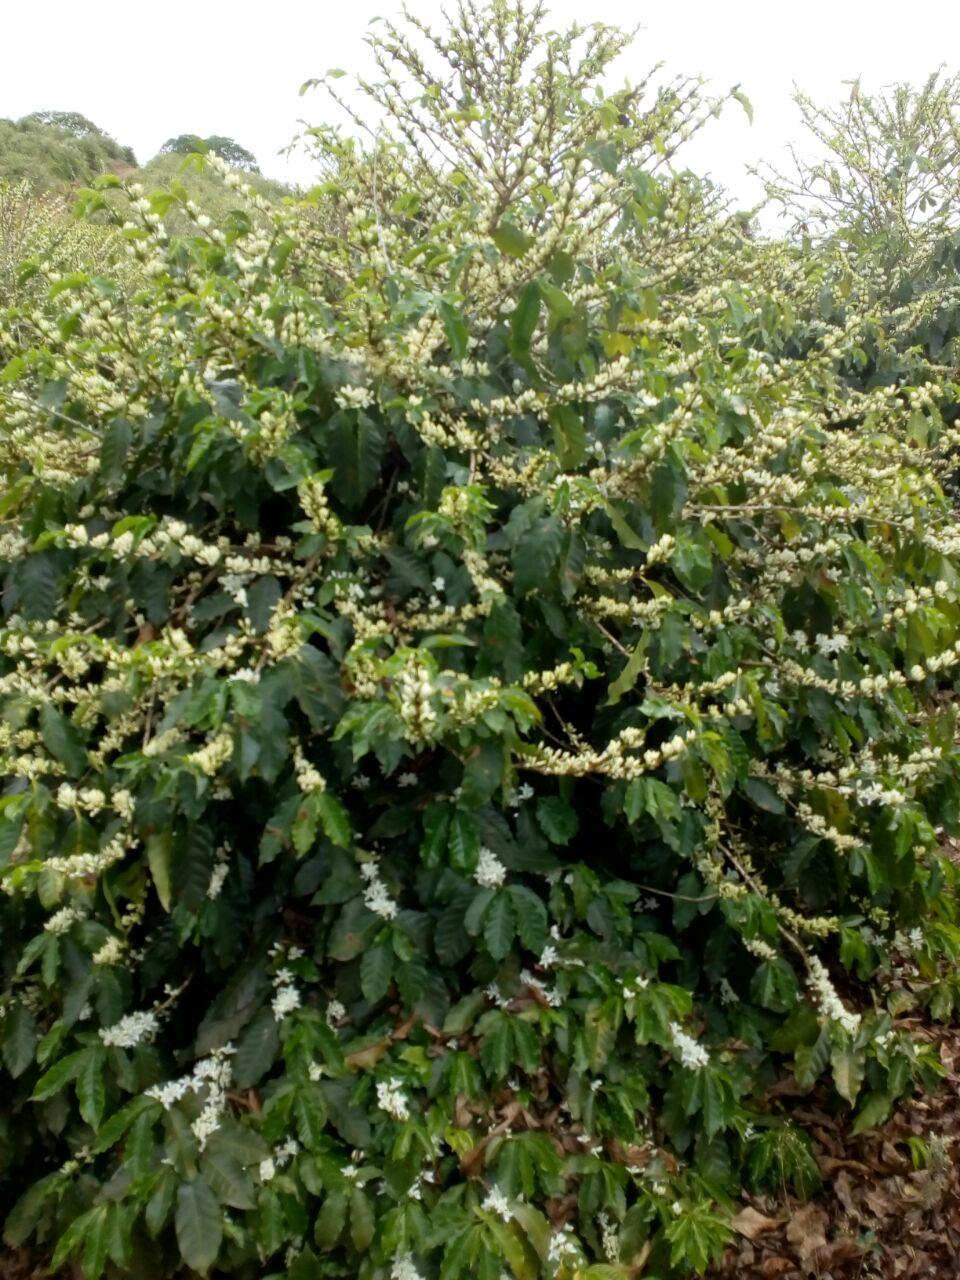 Florada do café em Juruaia (MG) - Foto: Lucas Magalhães